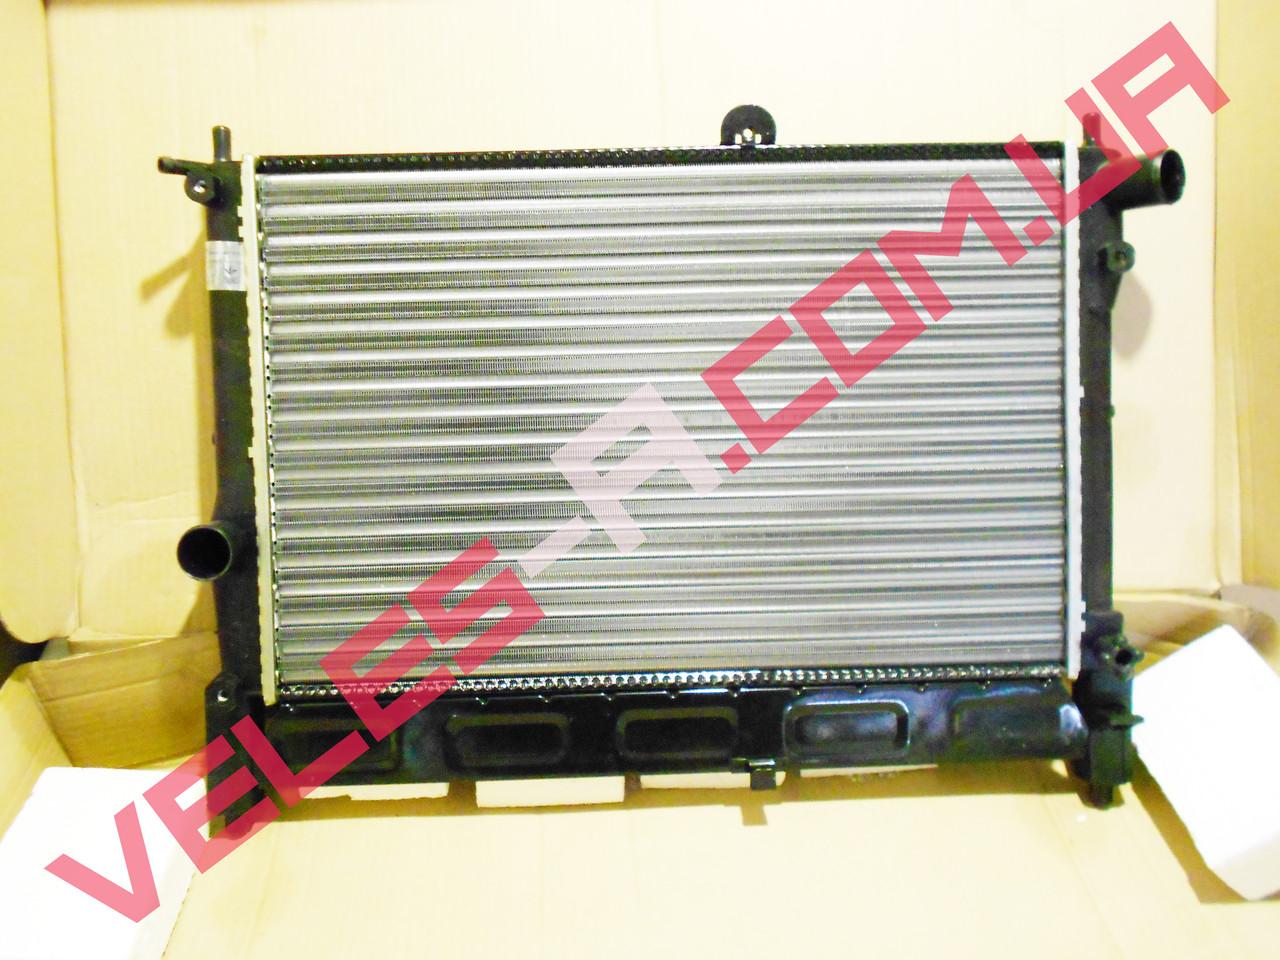 Радіатор охолодження Ланос 1,5-1,6 без кондиціонера ЛУЗАР (алюмінієвий збірної)